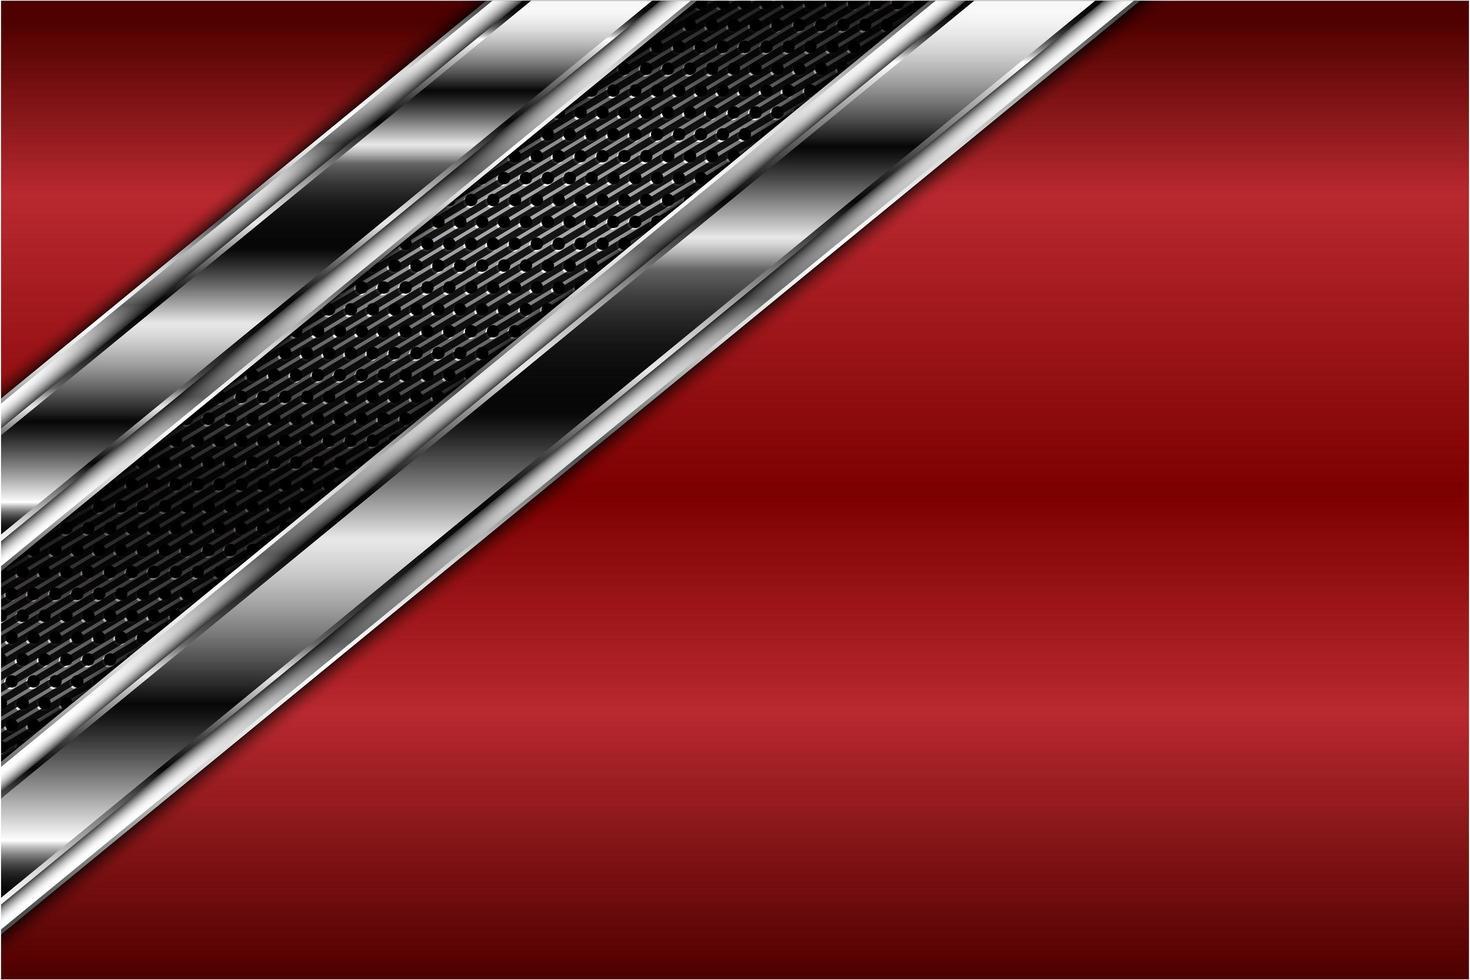 Fondo metálico rojo y plateado con textura oscura. vector